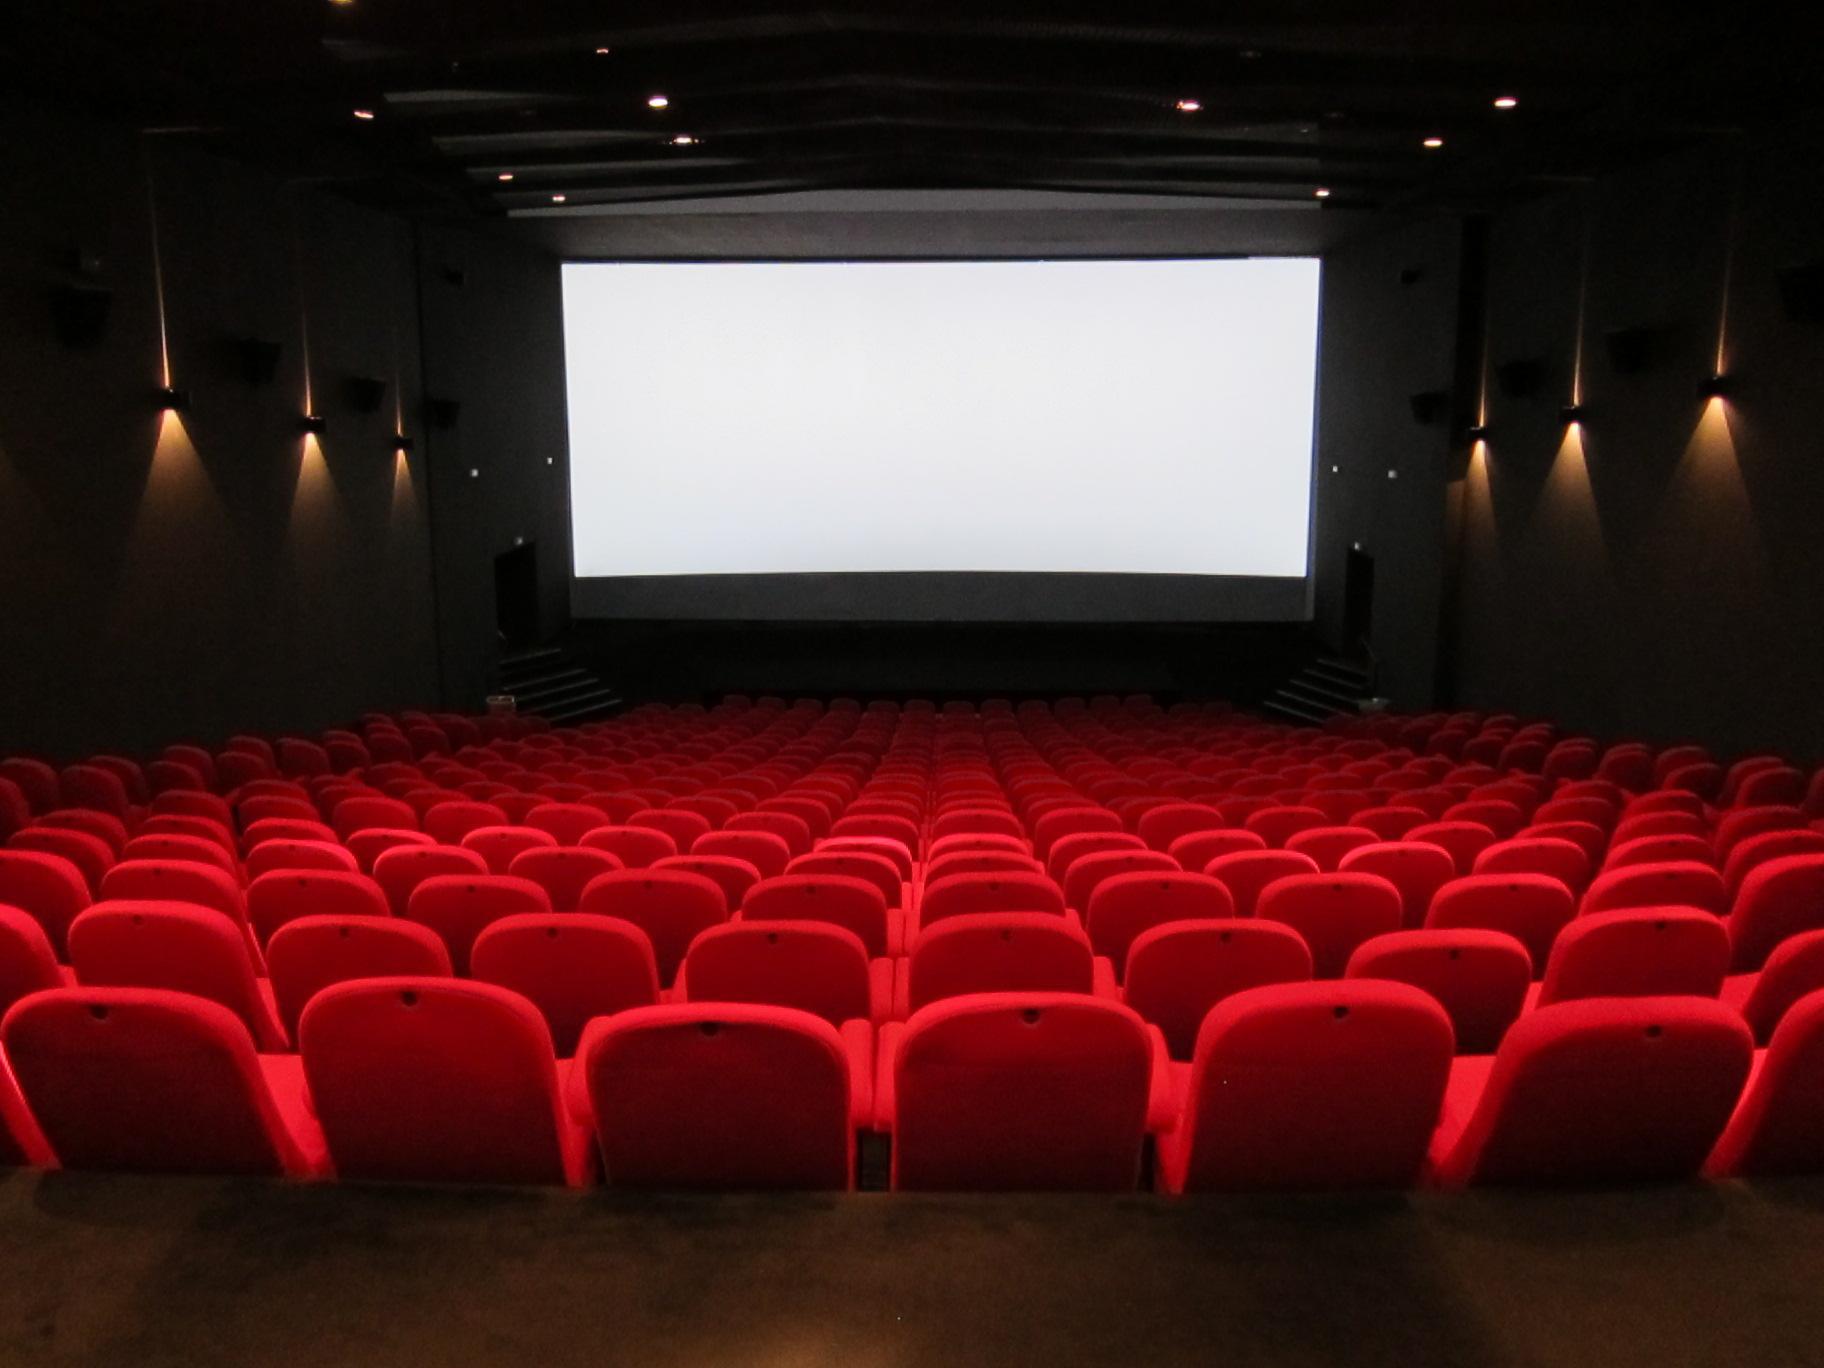 [CINEMA DU PAUVRE] Salle 1 7403-cinema